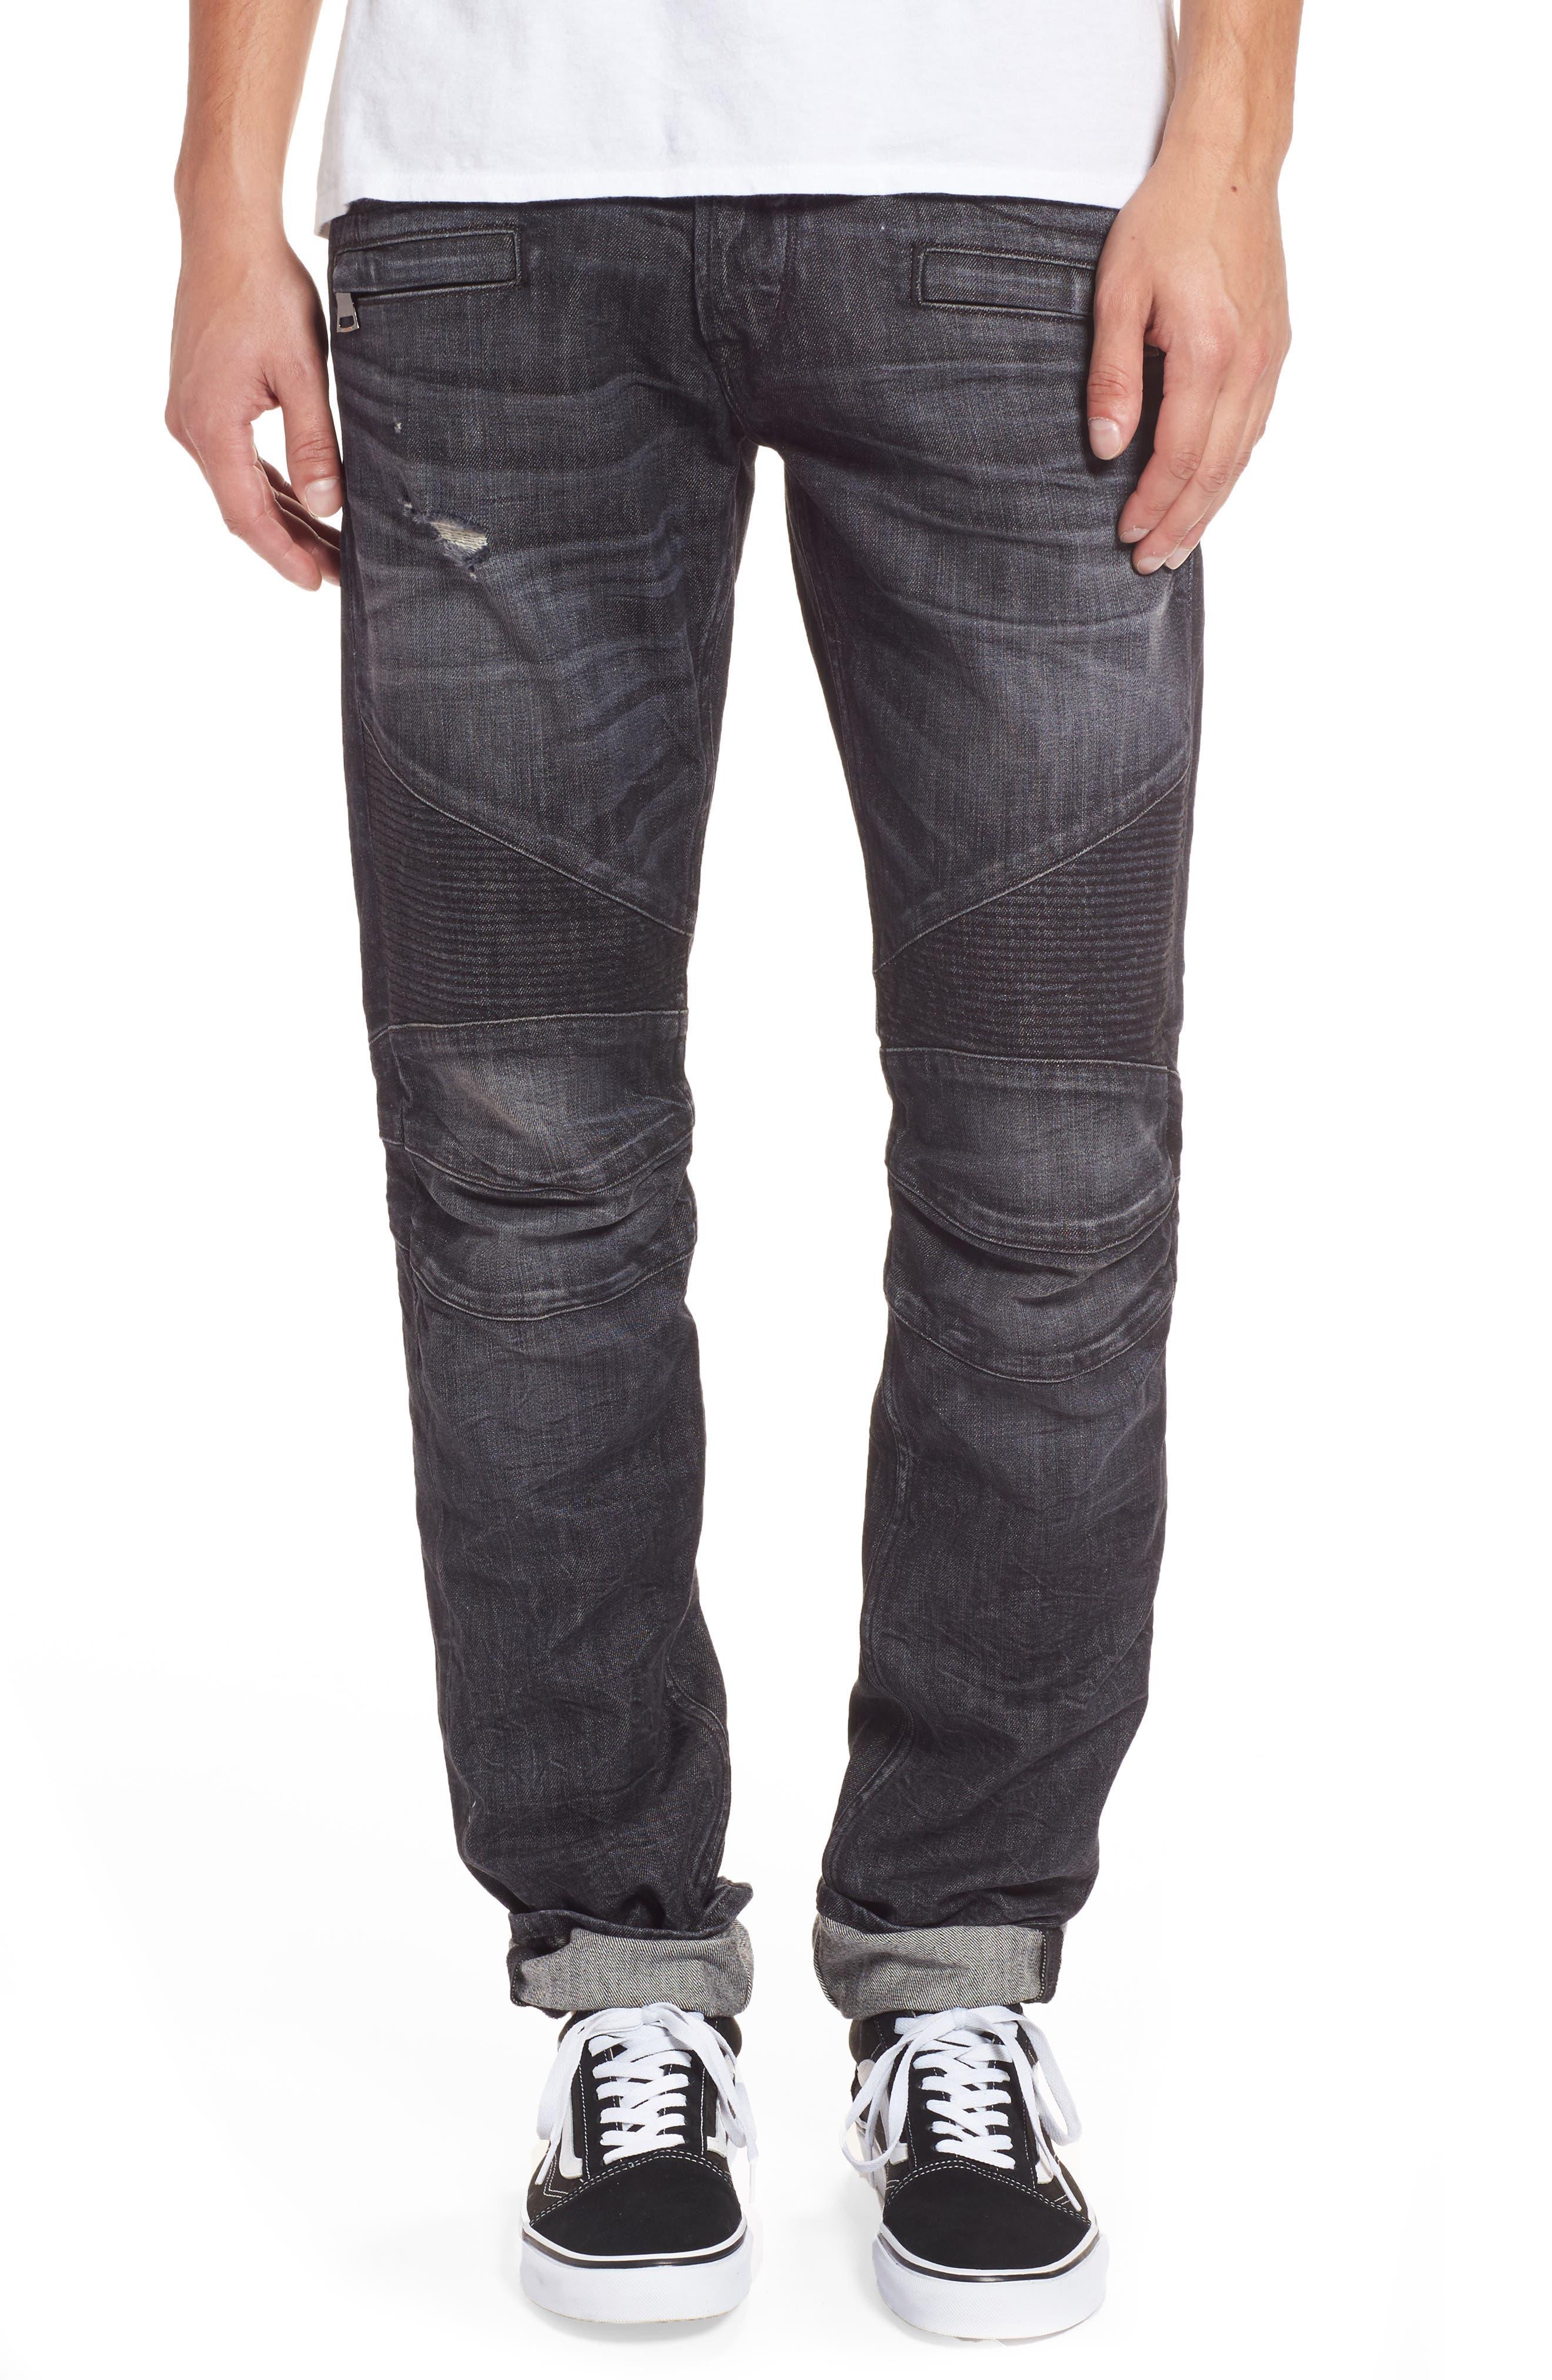 Alternate Image 1 Selected - Hudson Jeans Blinder Biker Moto Skinny Fit Jeans (Damage)